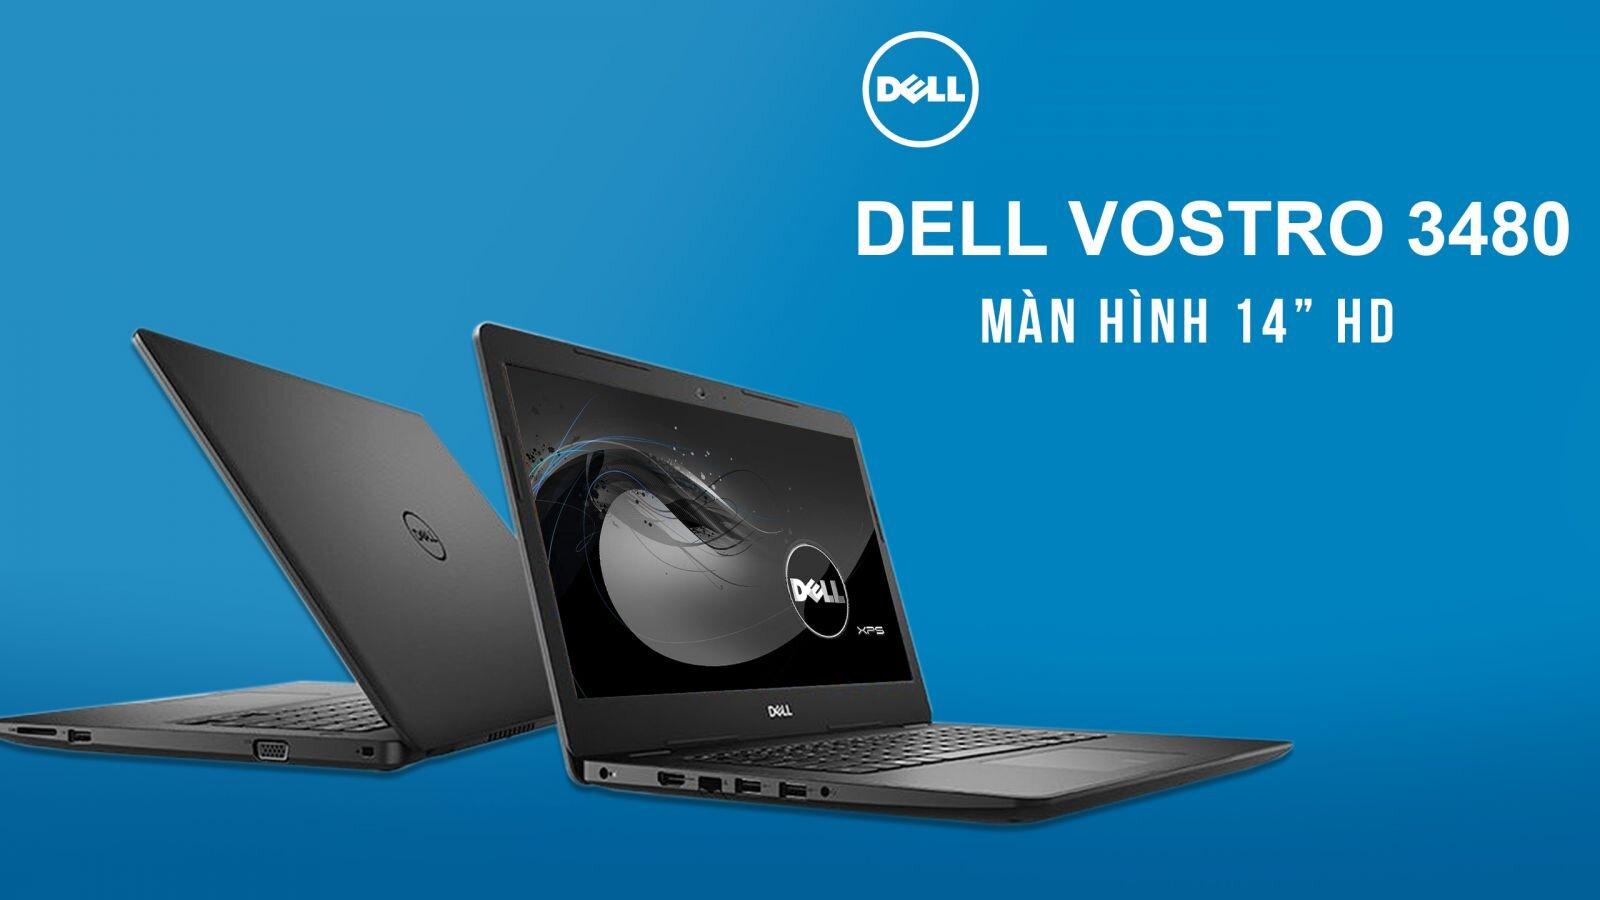 Lựa chọn Dell Vostro V3480 70187647 bạn sẽ không phải hối hận